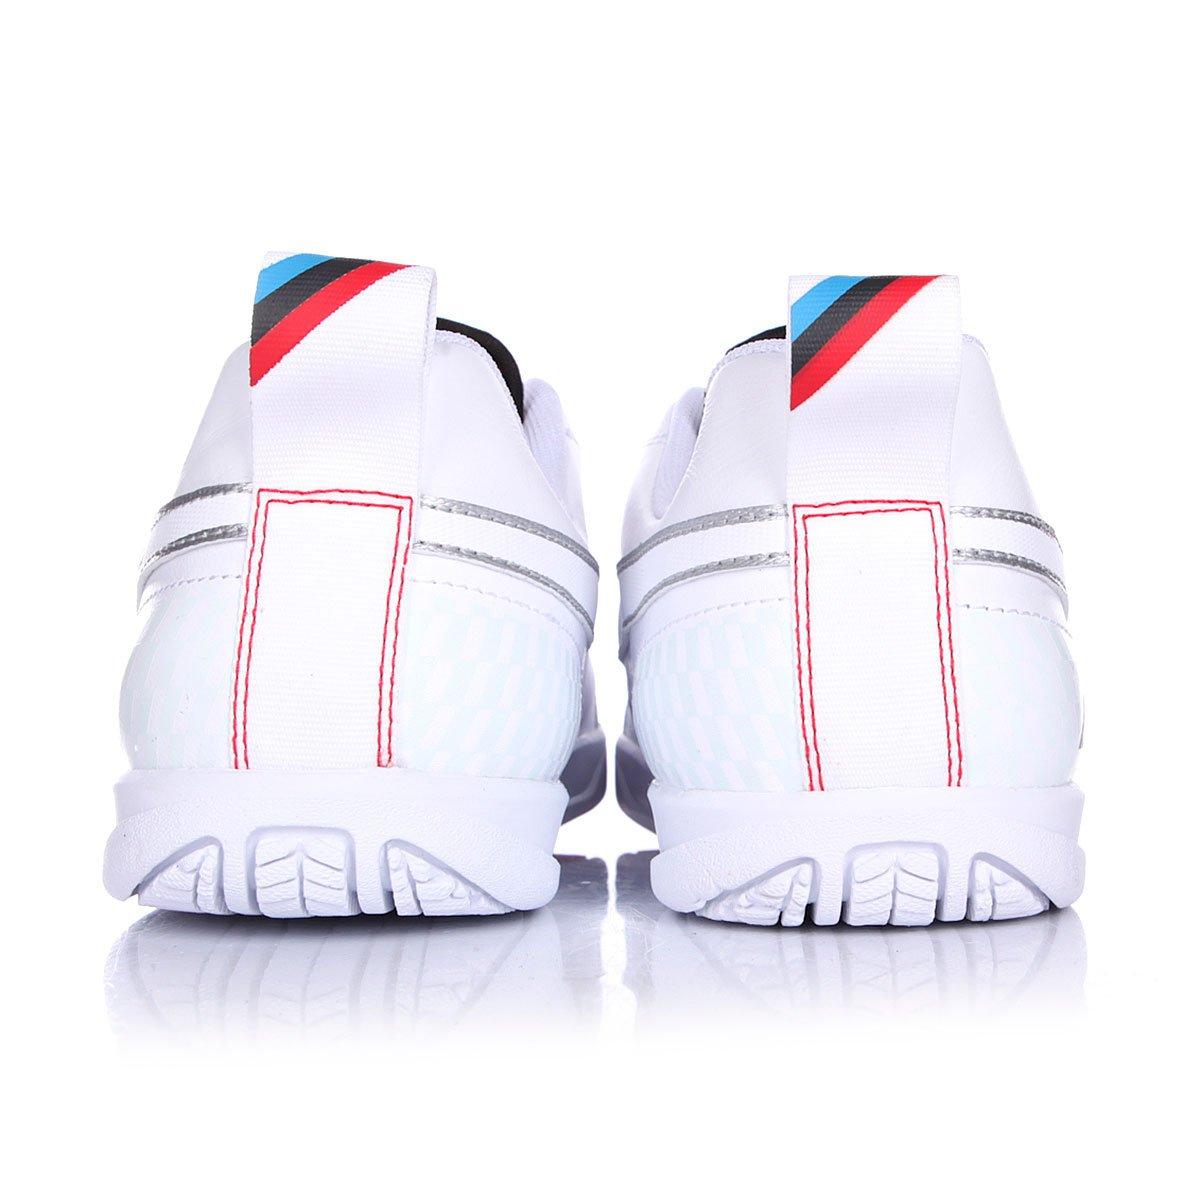 Купить кроссовки Puma Bmw M Power White Black в интернет-магазине ... e39a8969d0e53